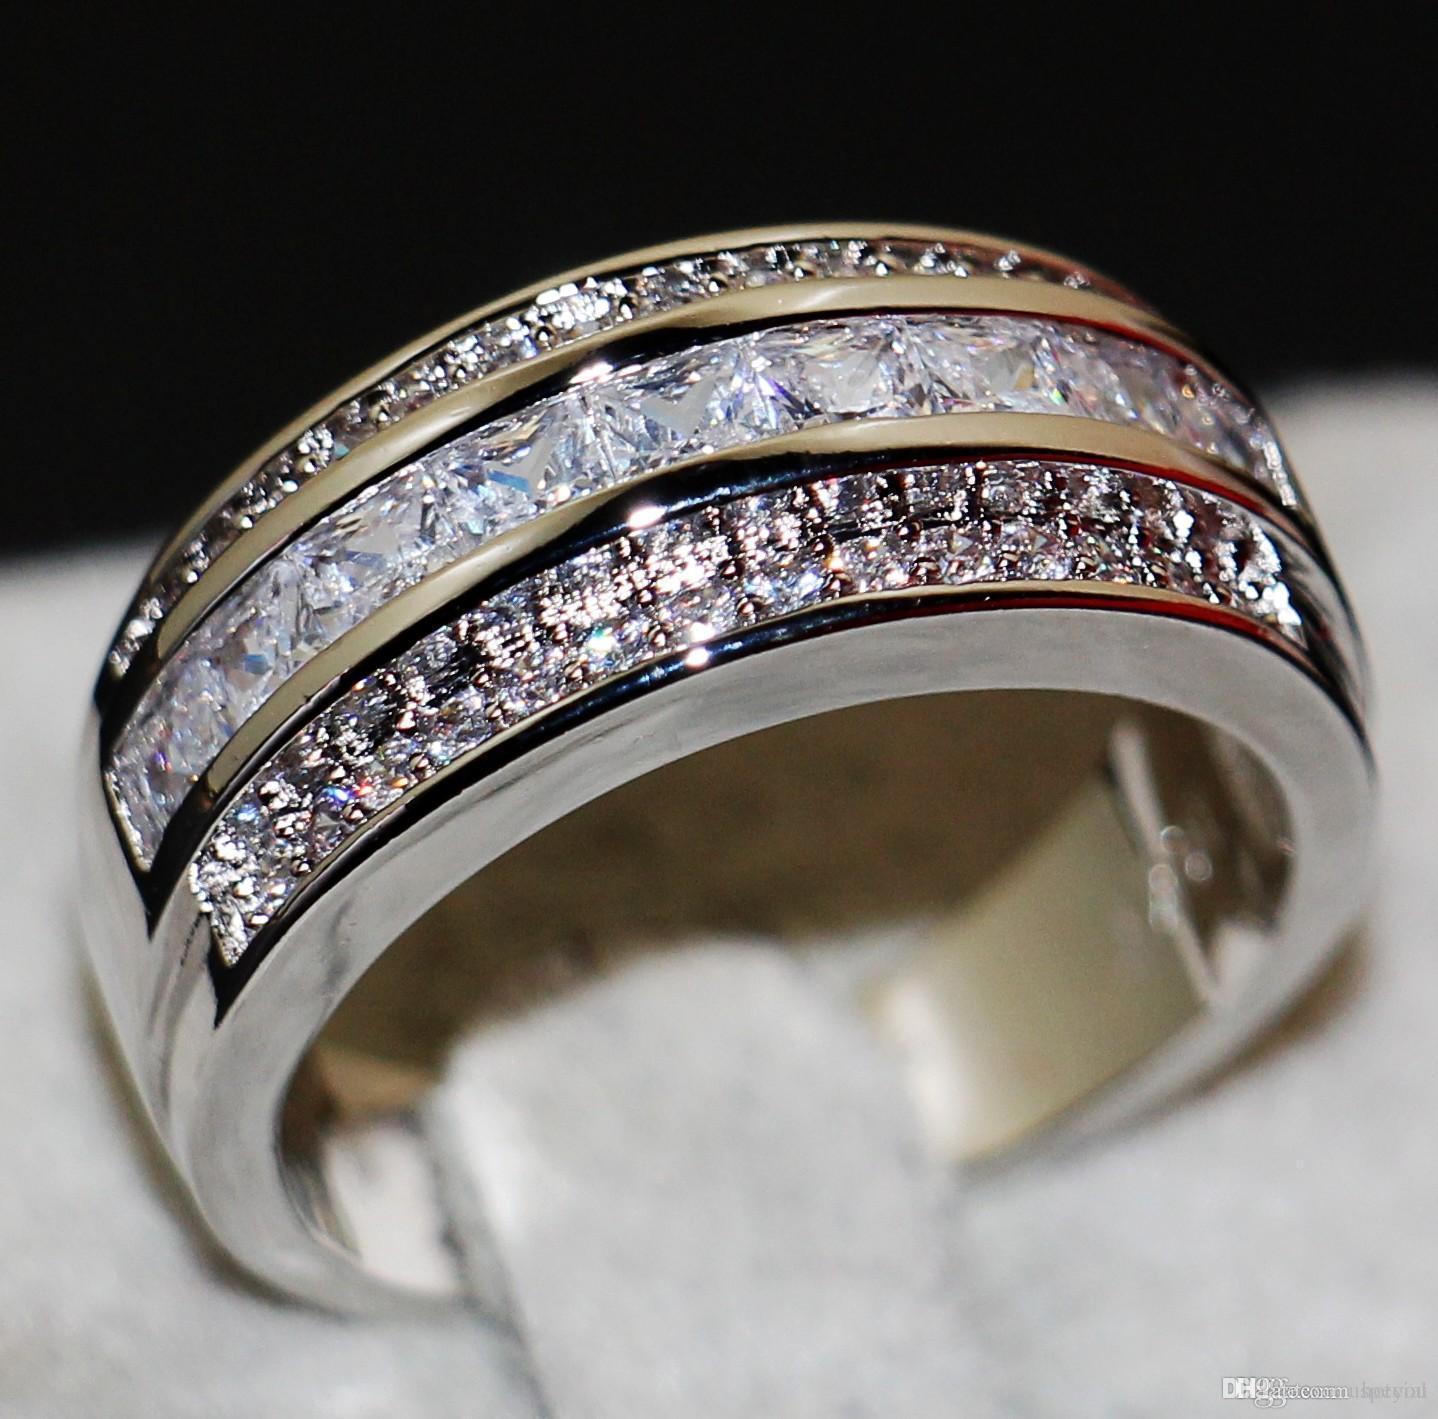 Victoria Wieck Yeni Geliş Moda Takı 10KT Beyaz Altın Aşıklar Hediyesi için Prenses kesim Beyaz Altın cz Elmas Erkekler Wedding Band Yüzük Dolgulu